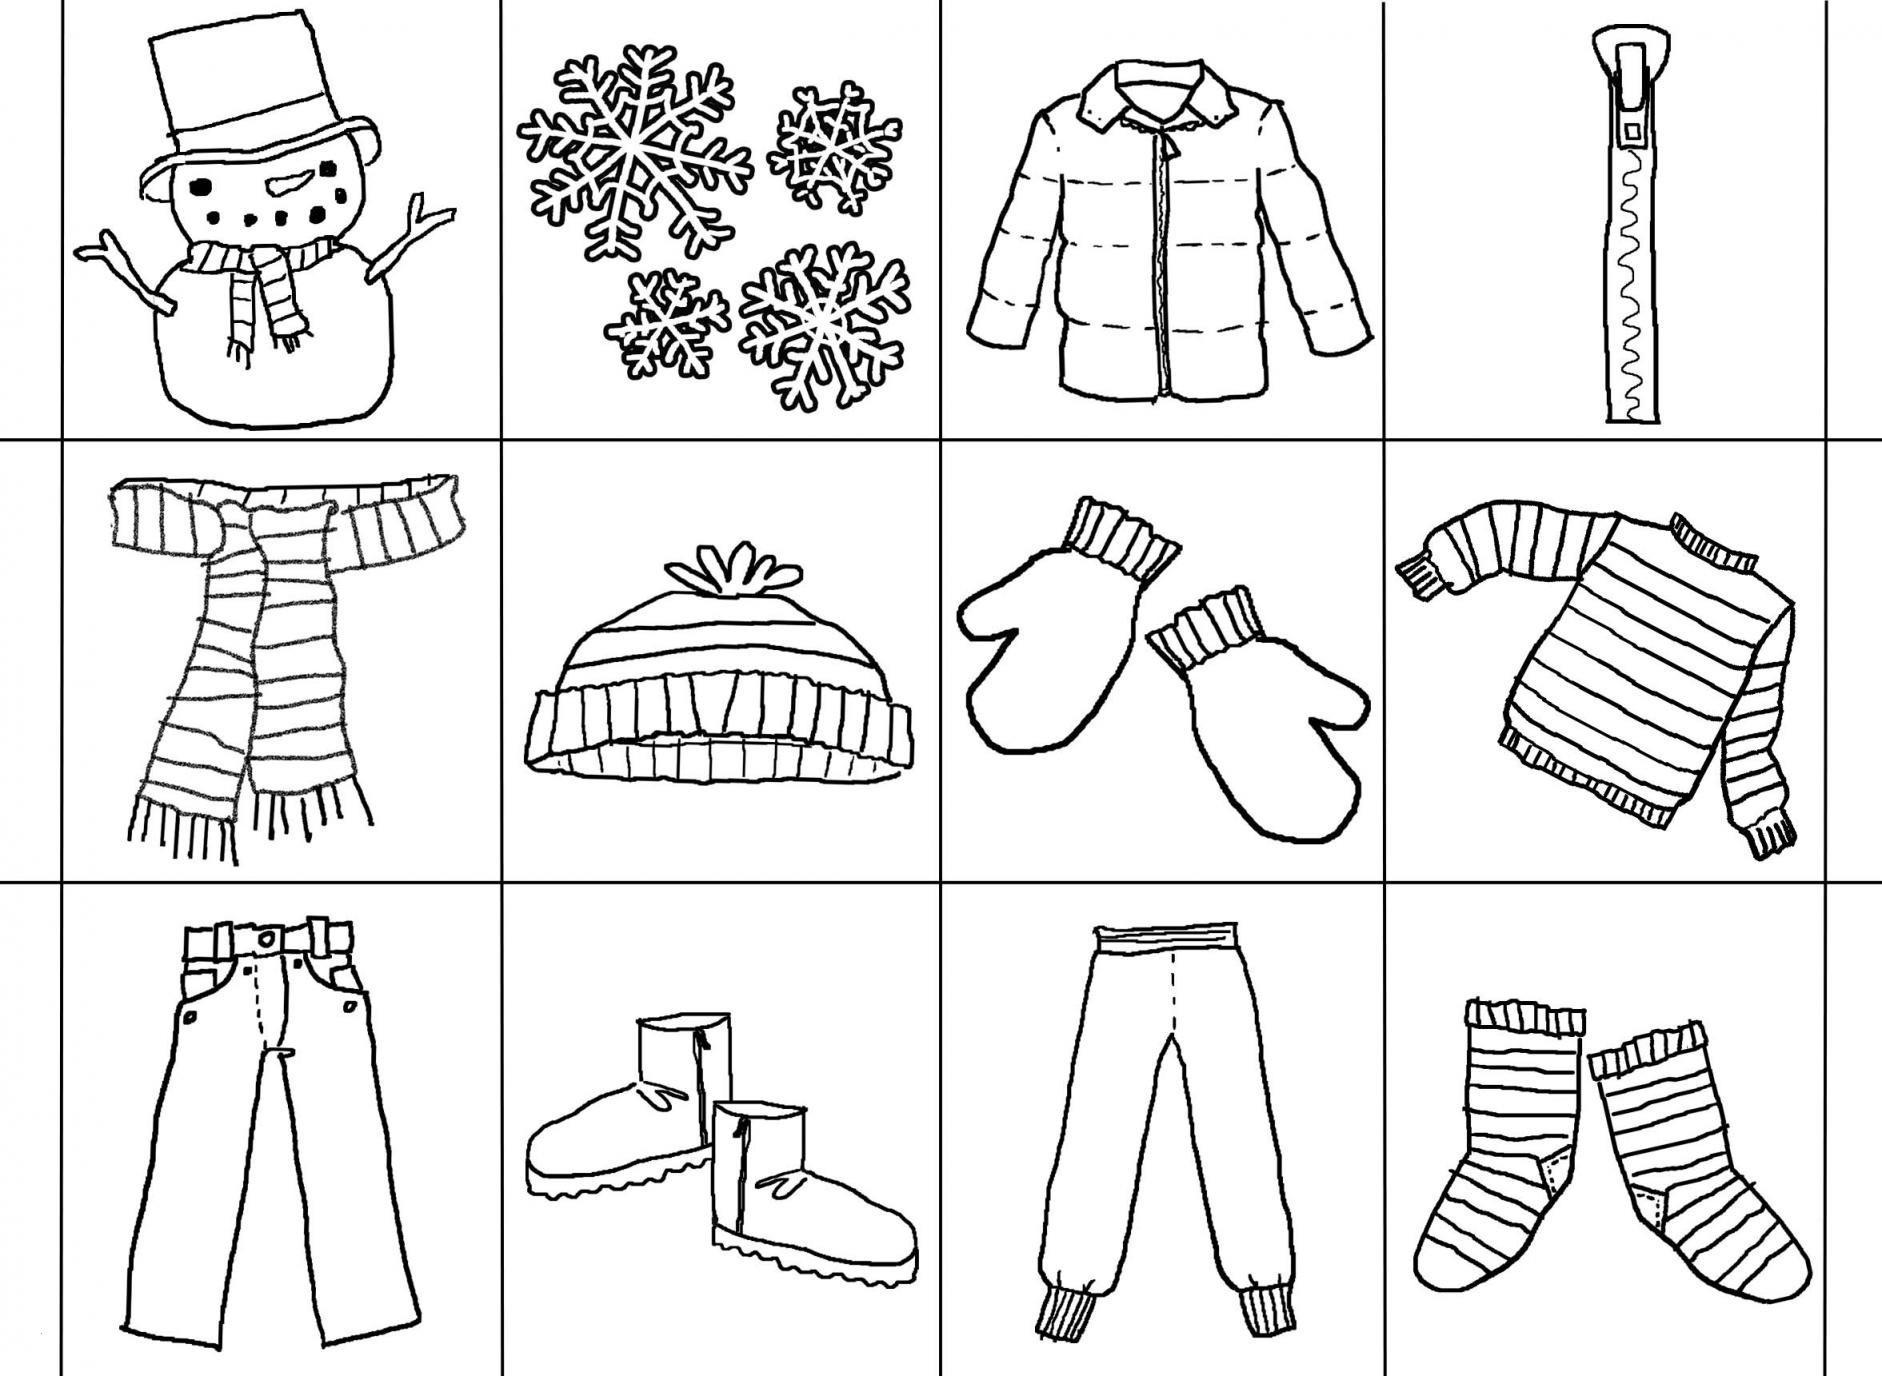 Ausmalbilder Weihnachten Online Genial Ausmalbilder Weihnachten Krippe Frisch Bayern Ausmalbilder Stock